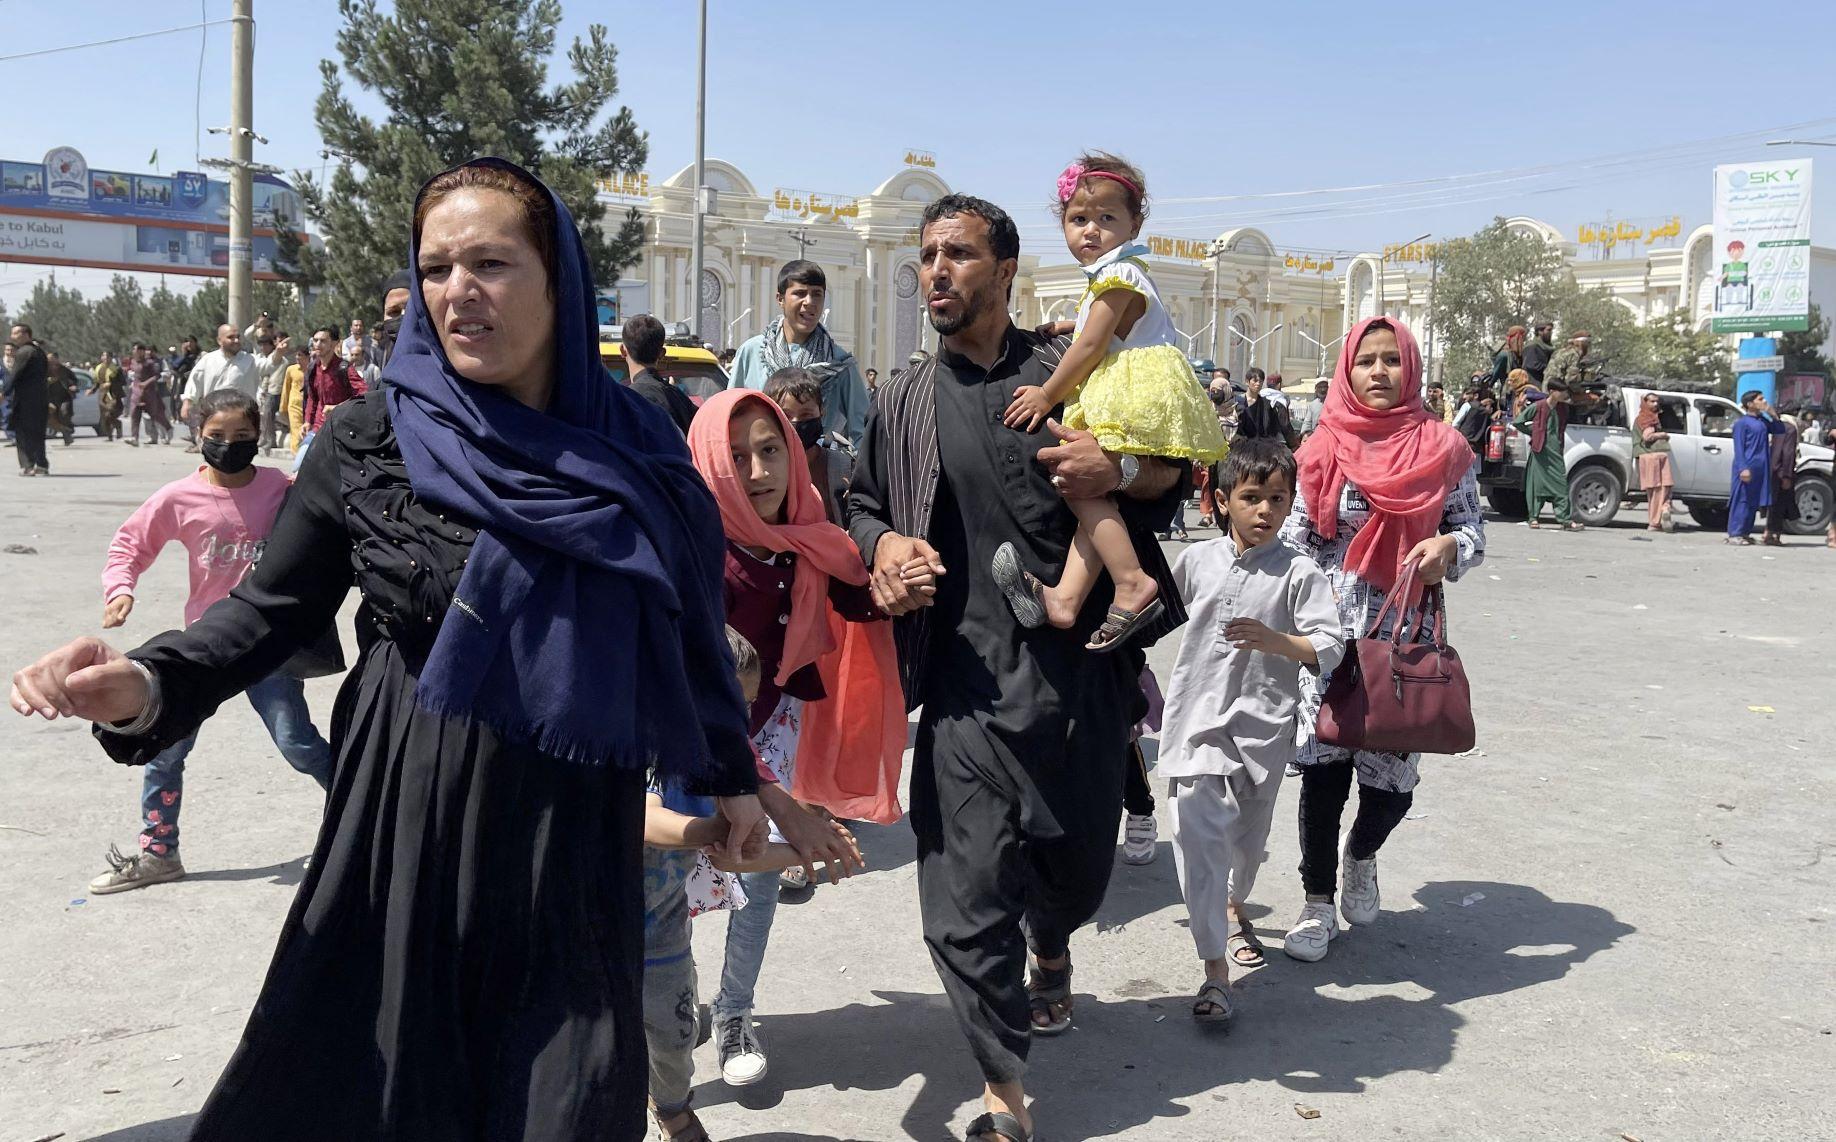 Família em fuga de Cabul, capital do Afeganistão: mulheres e meninas temem violência do Talibã (Foto: Haroon Sabawoon / Anadolu Agency / AFP)